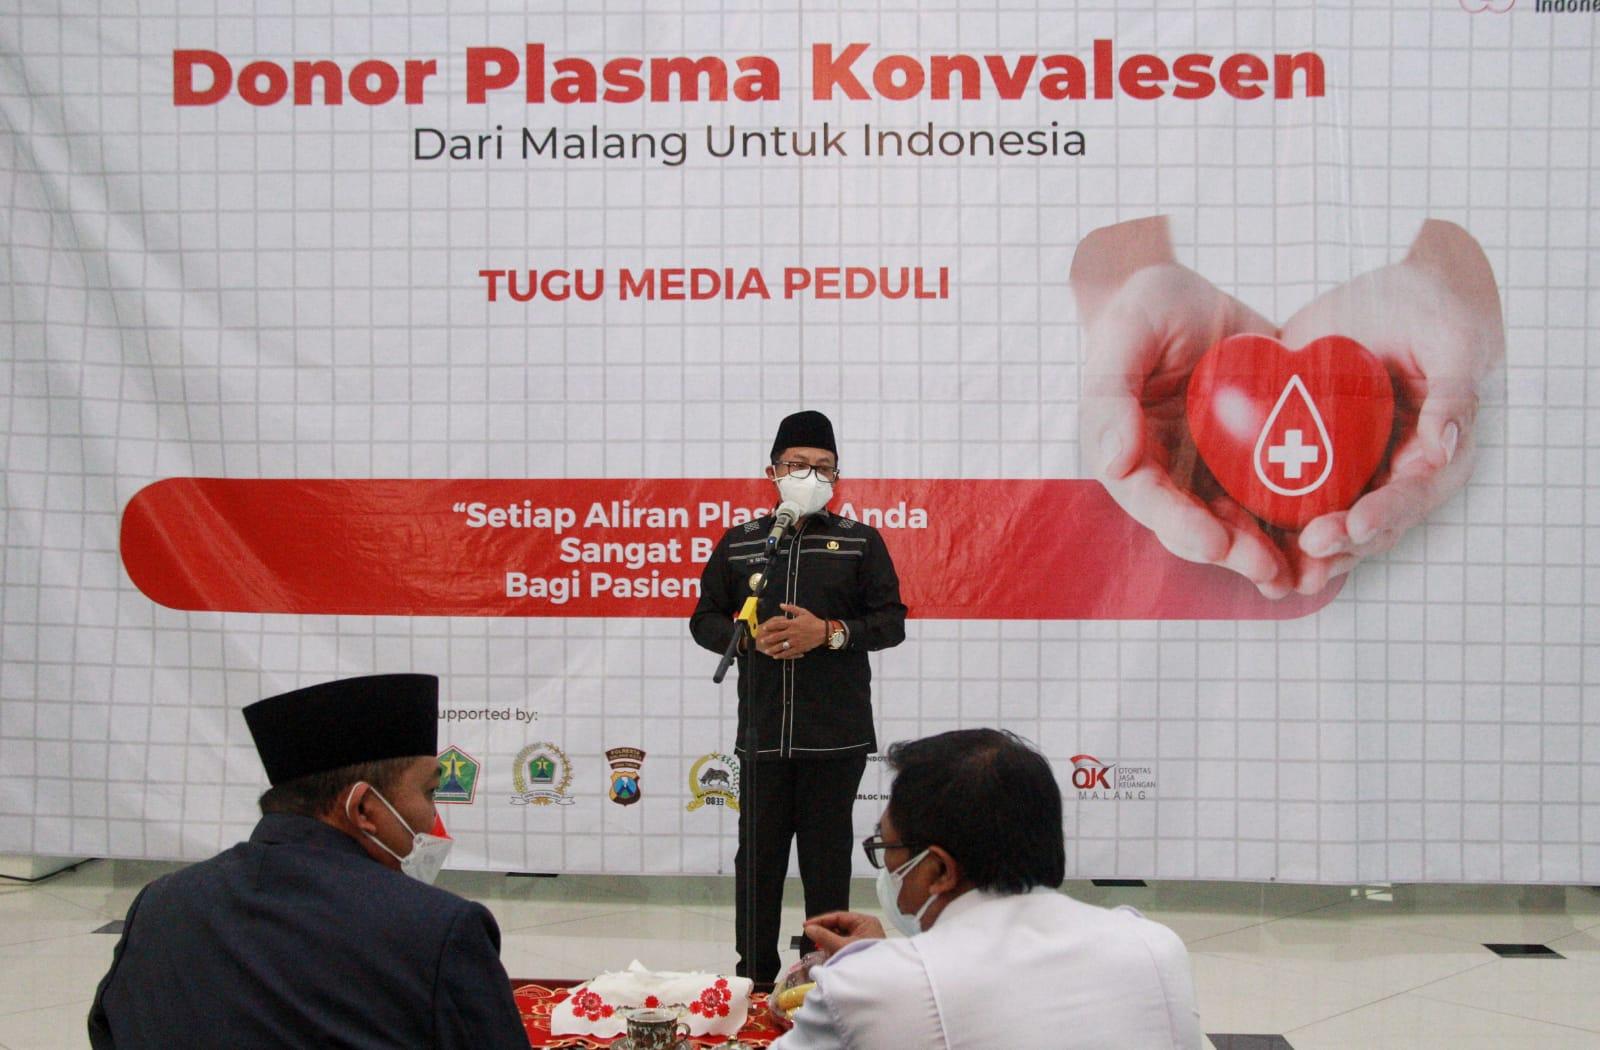 Wali Kota Malang Sutiaji saat memberikan sambutan pada kegiatan donor plasma konvalesen yang digagas Tugu Media Group di Aula Kantor DPRD Kota Malang pada Kamis (12/08/2021). (Foto: Rubianto/Tugu Jatim)